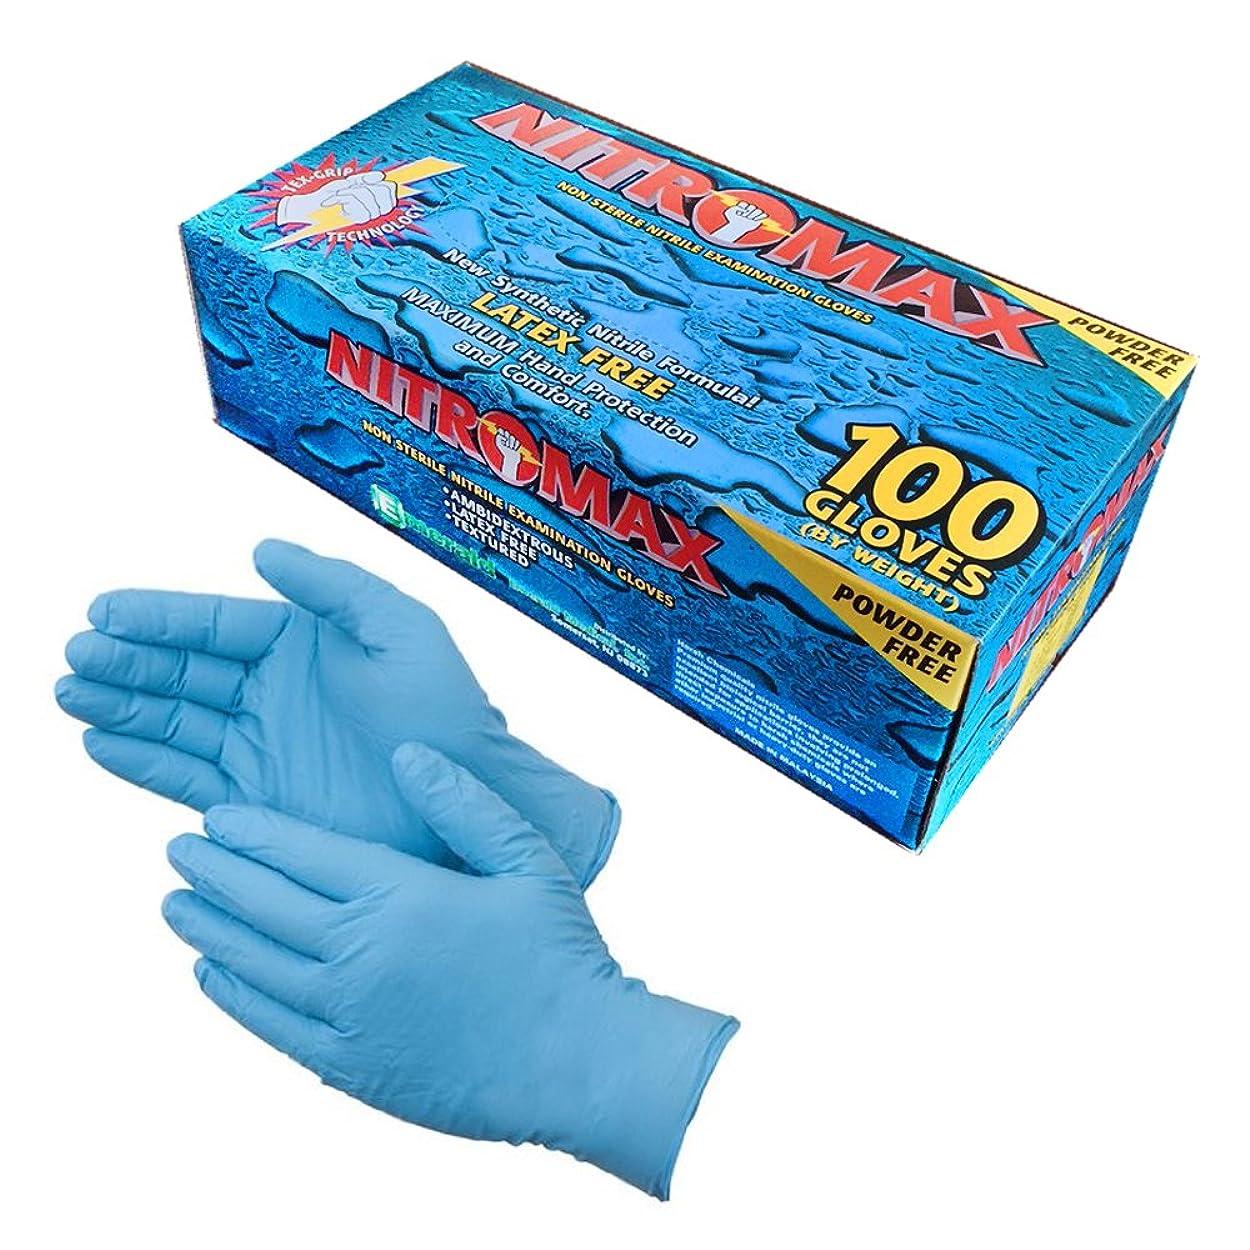 研磨剤ヶ月目硬さDisposable Gloves, 5 mil thick, Tear Resistant, Latex Free, Nitrile, Powder Free, Large, 100 count by Honest E-tailers